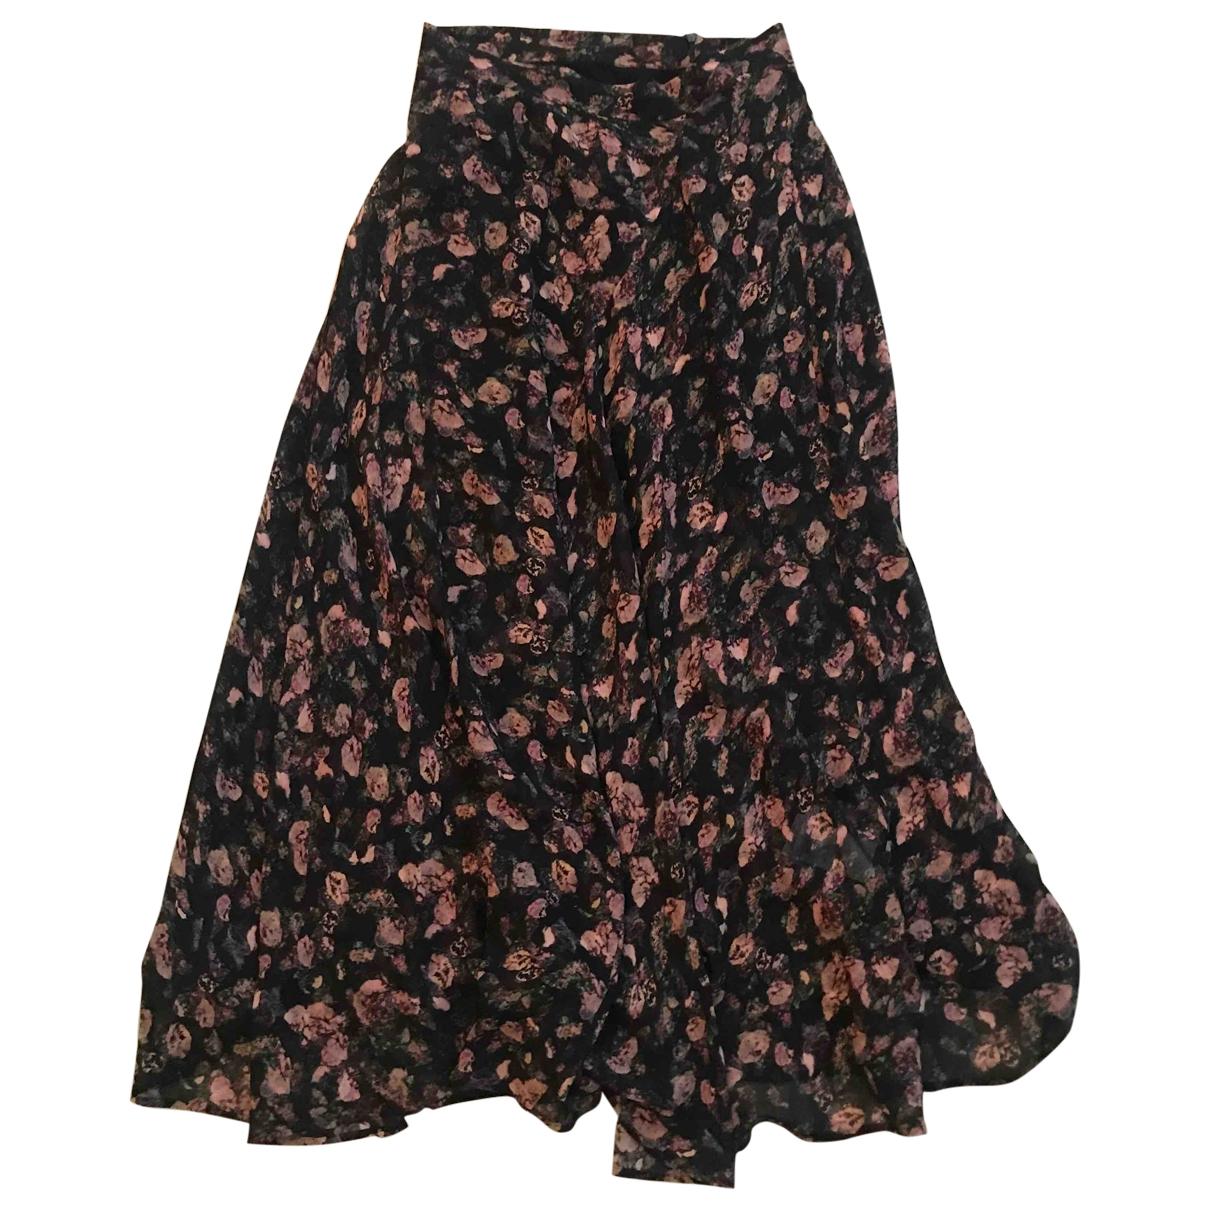 Iro \N Black skirt for Women 38 FR